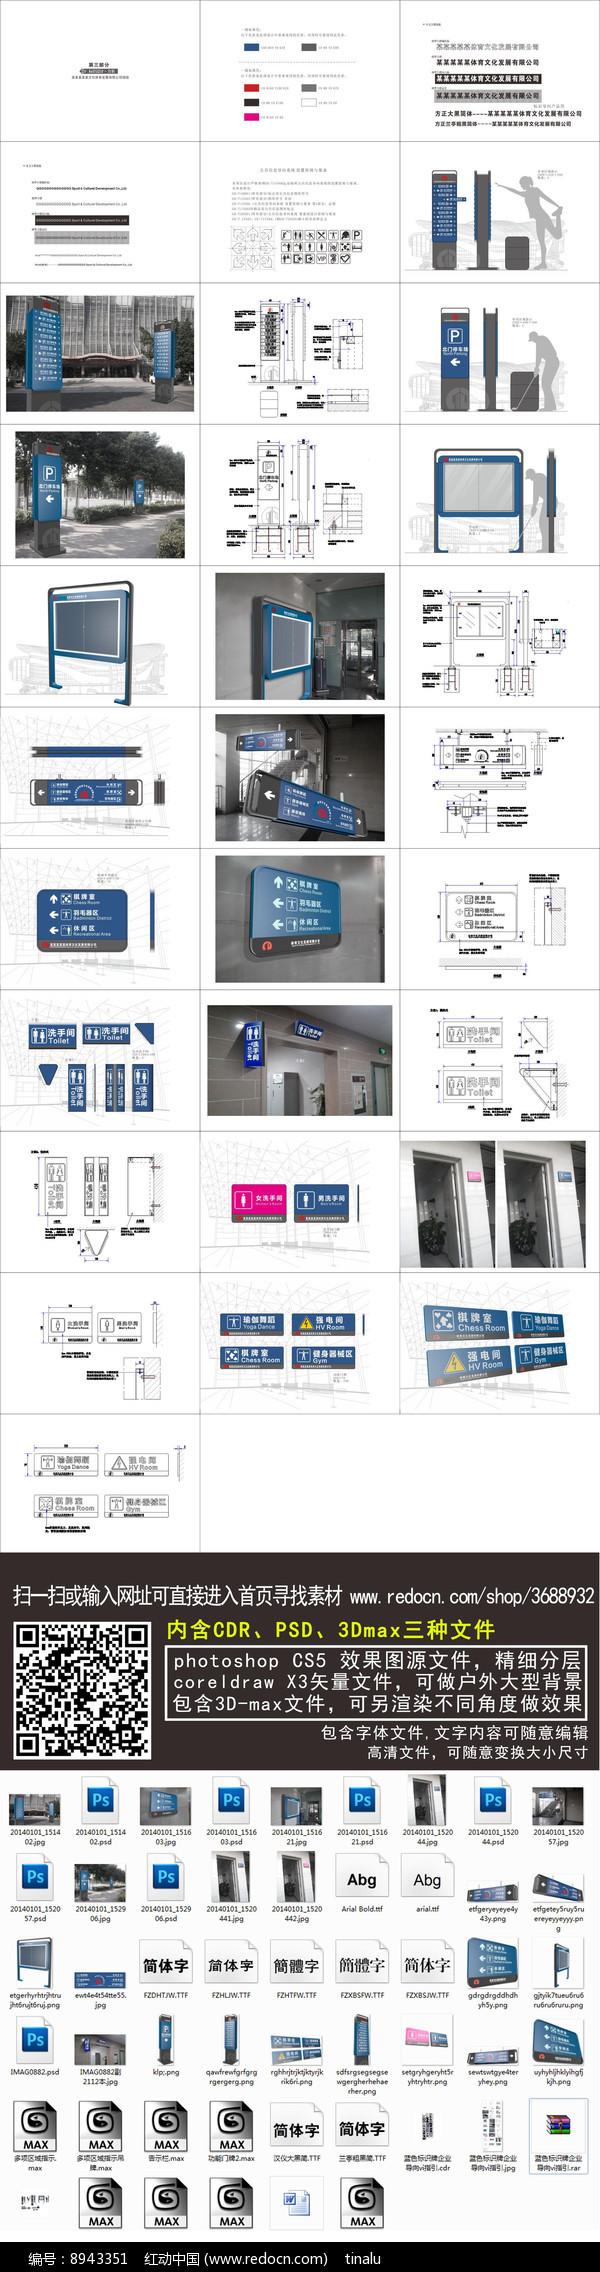 蓝色标识牌企业导向vi指引图片